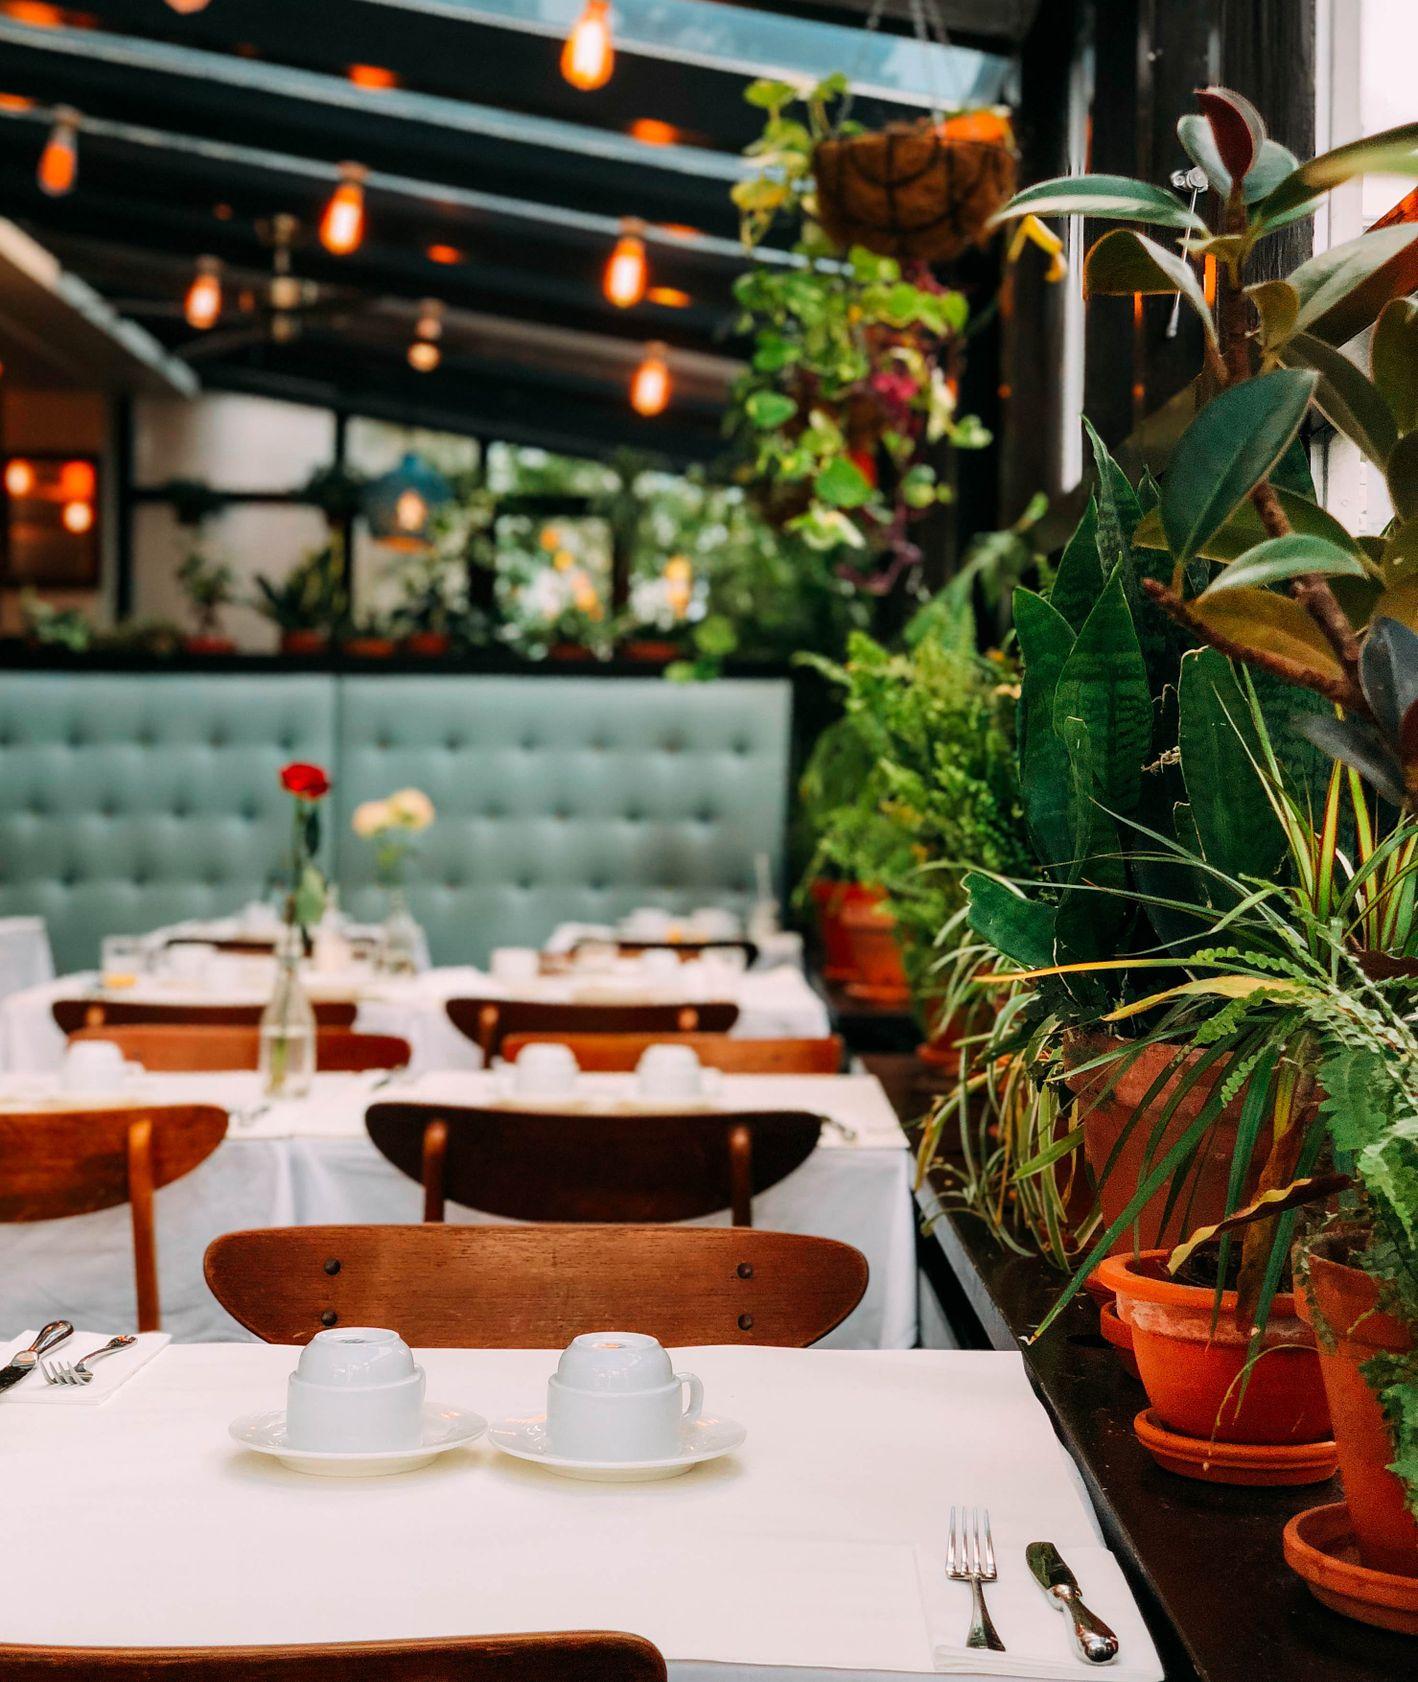 Wnętrze restauracji – drewniane stoły, biały obrus, zastawa stołowa, rośliny na parapecie (fot. Chris Liverani)